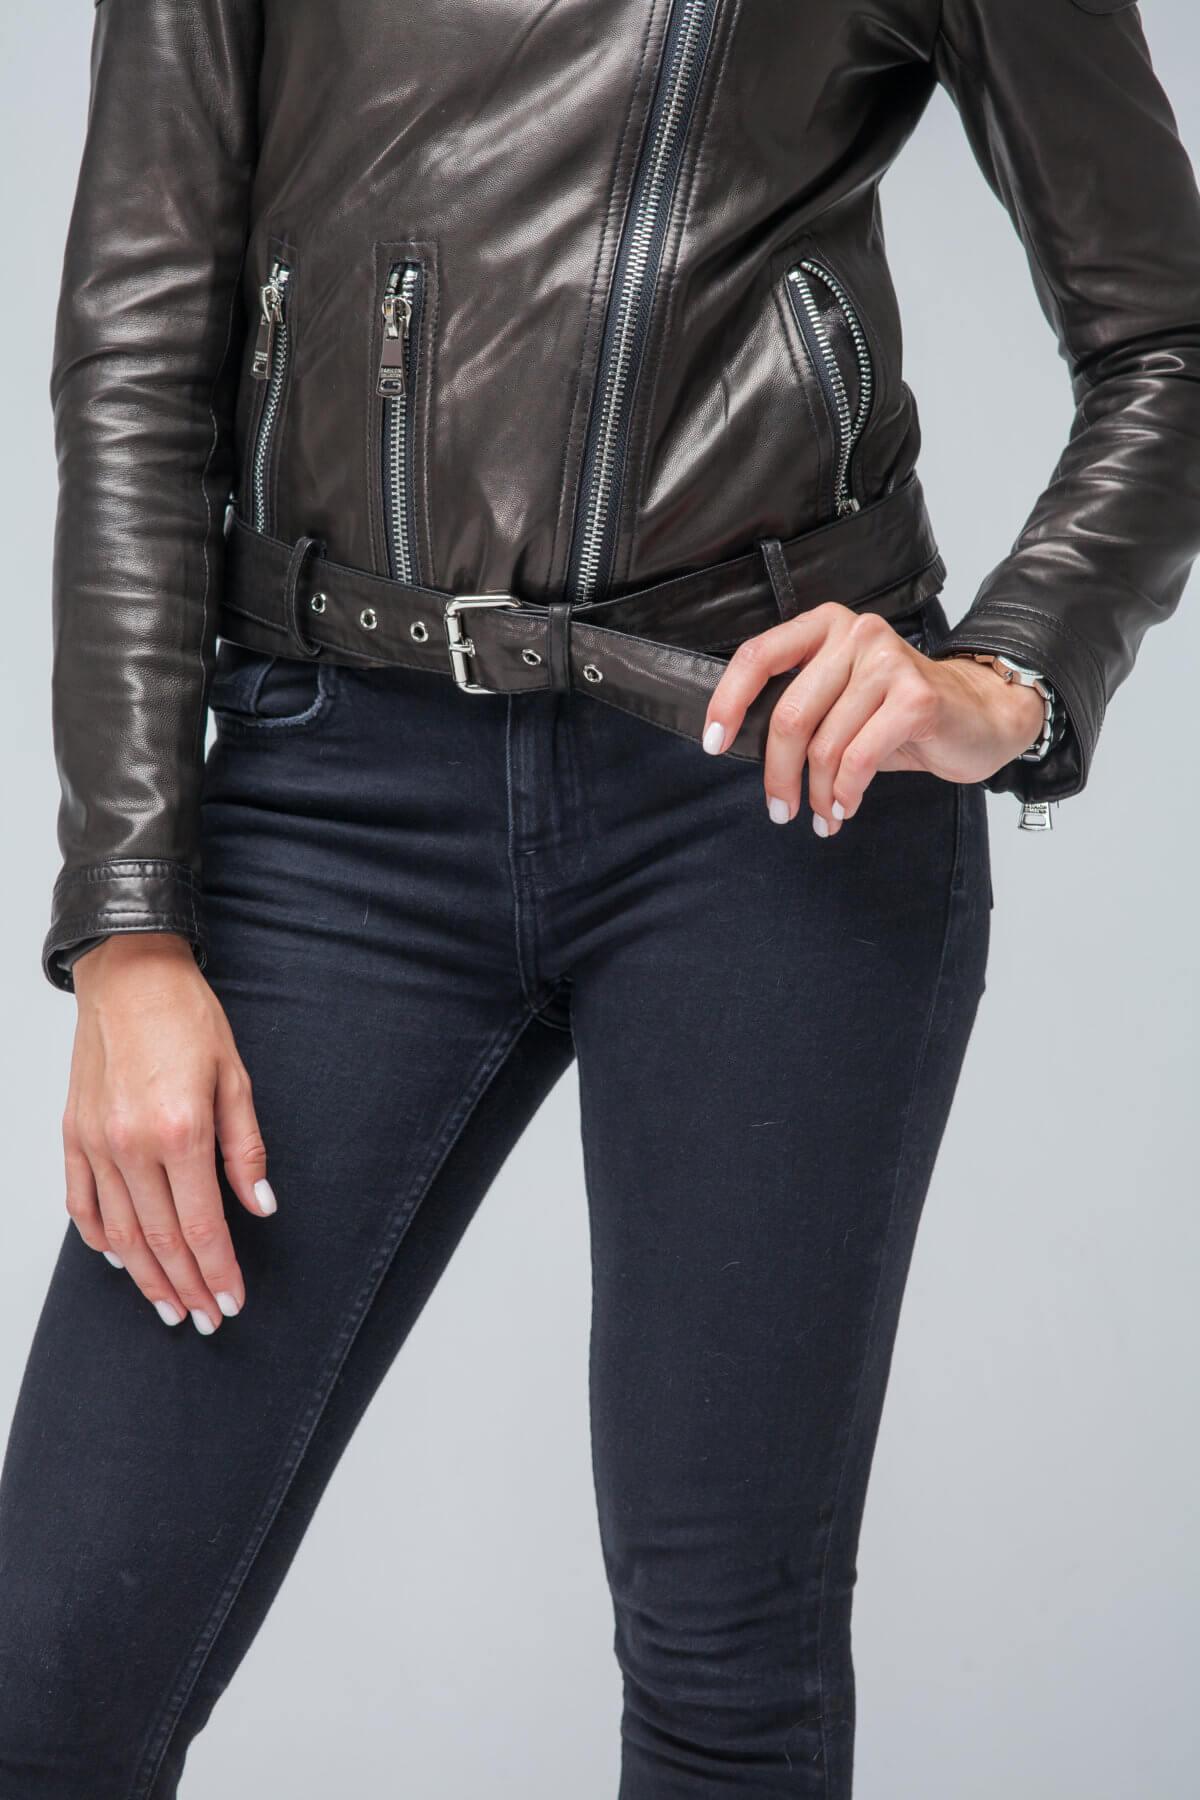 Кожаная куртка-косуха черная. Фото 5